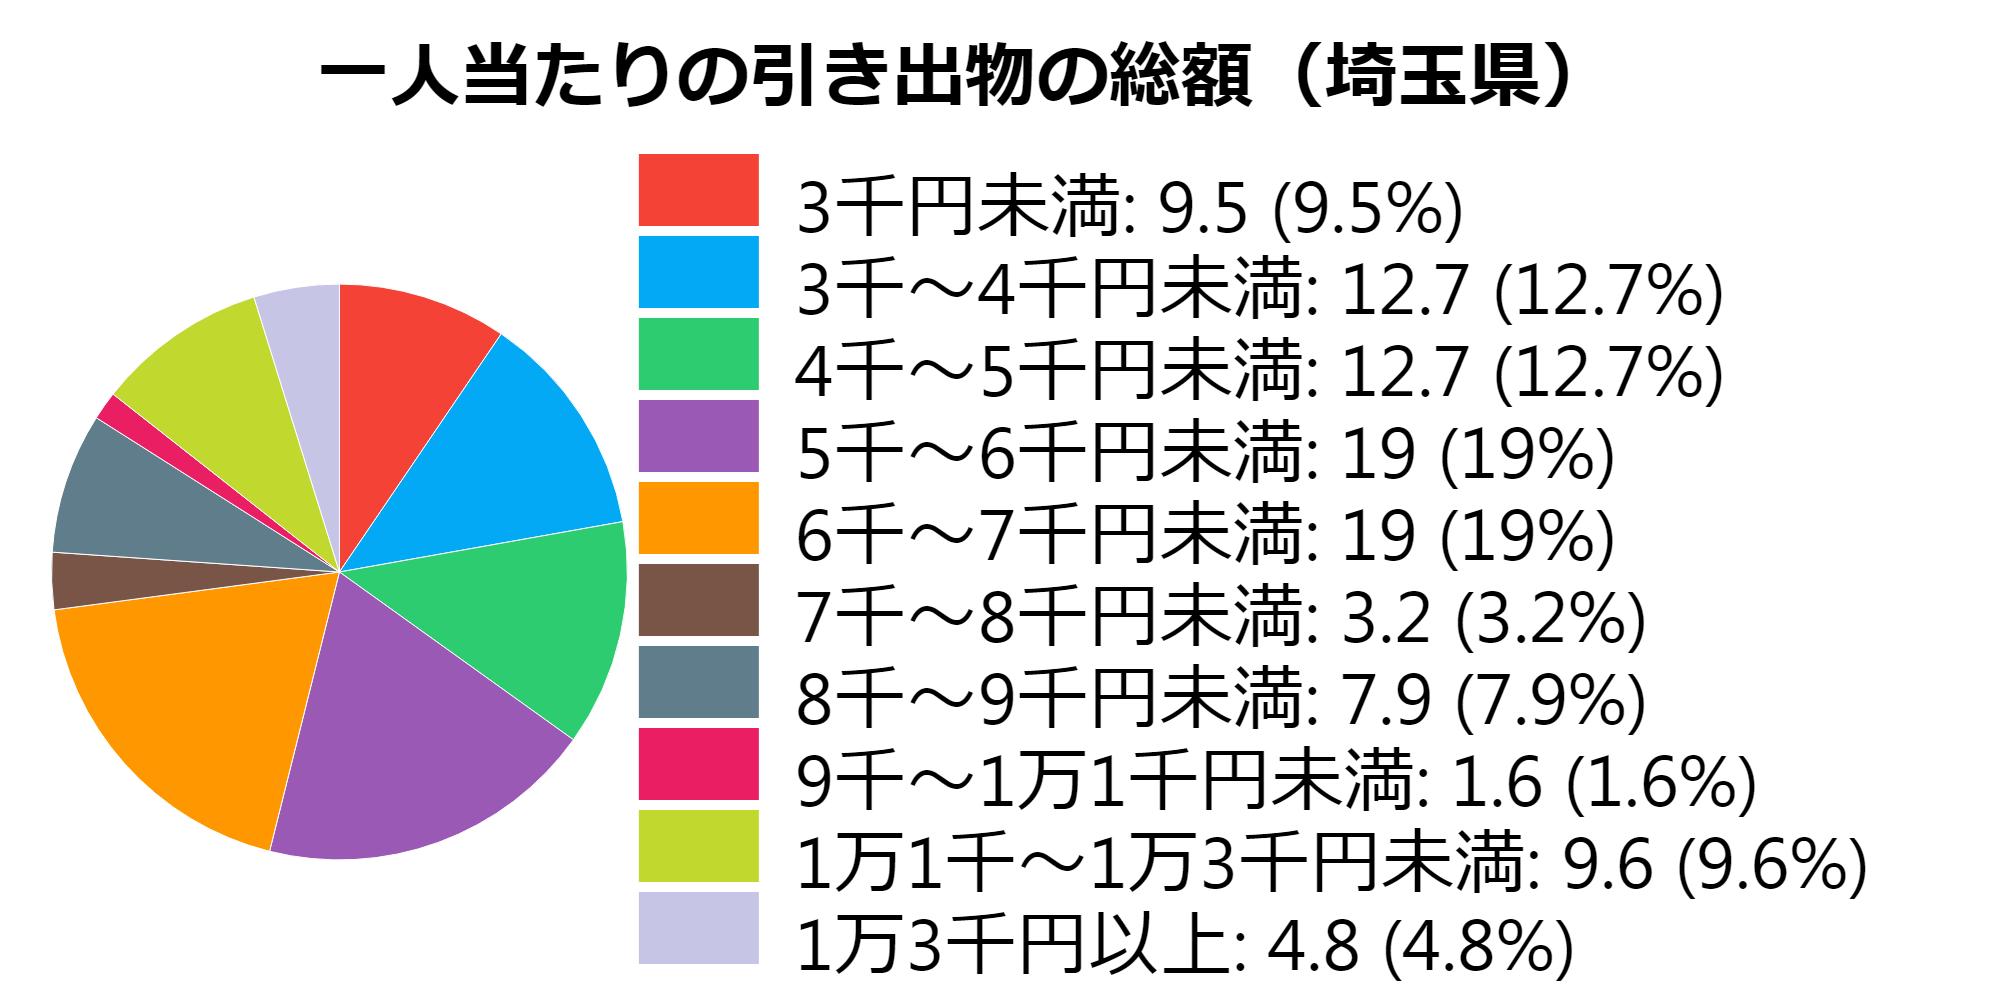 総額(埼玉県)